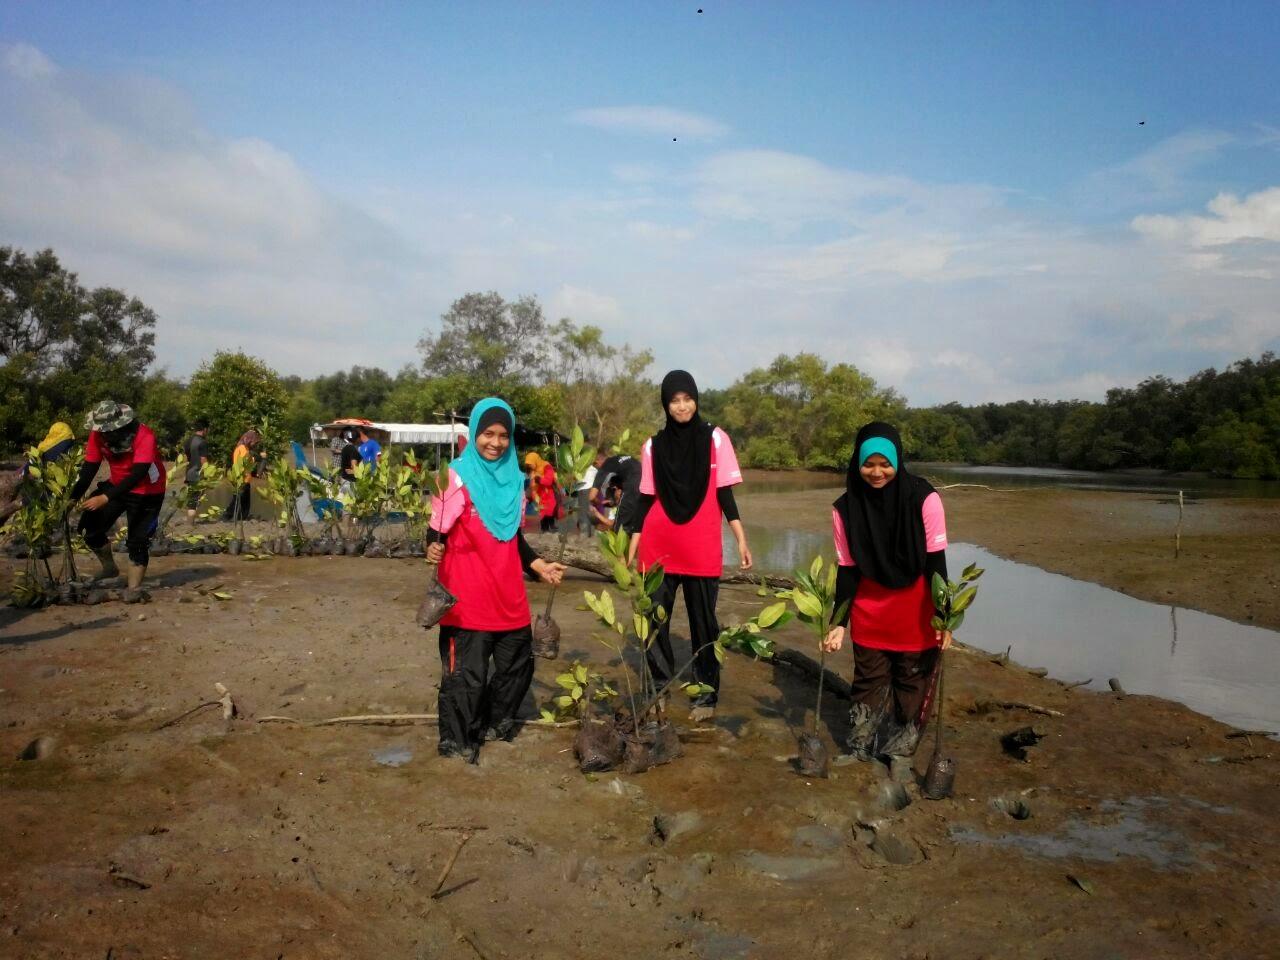 SAHABAT POKOK BAKAU (SPB) POKOK BAKAU kanvaskehidupanku.blogspot.com adkdayah u3p usim, charity program kuala gula